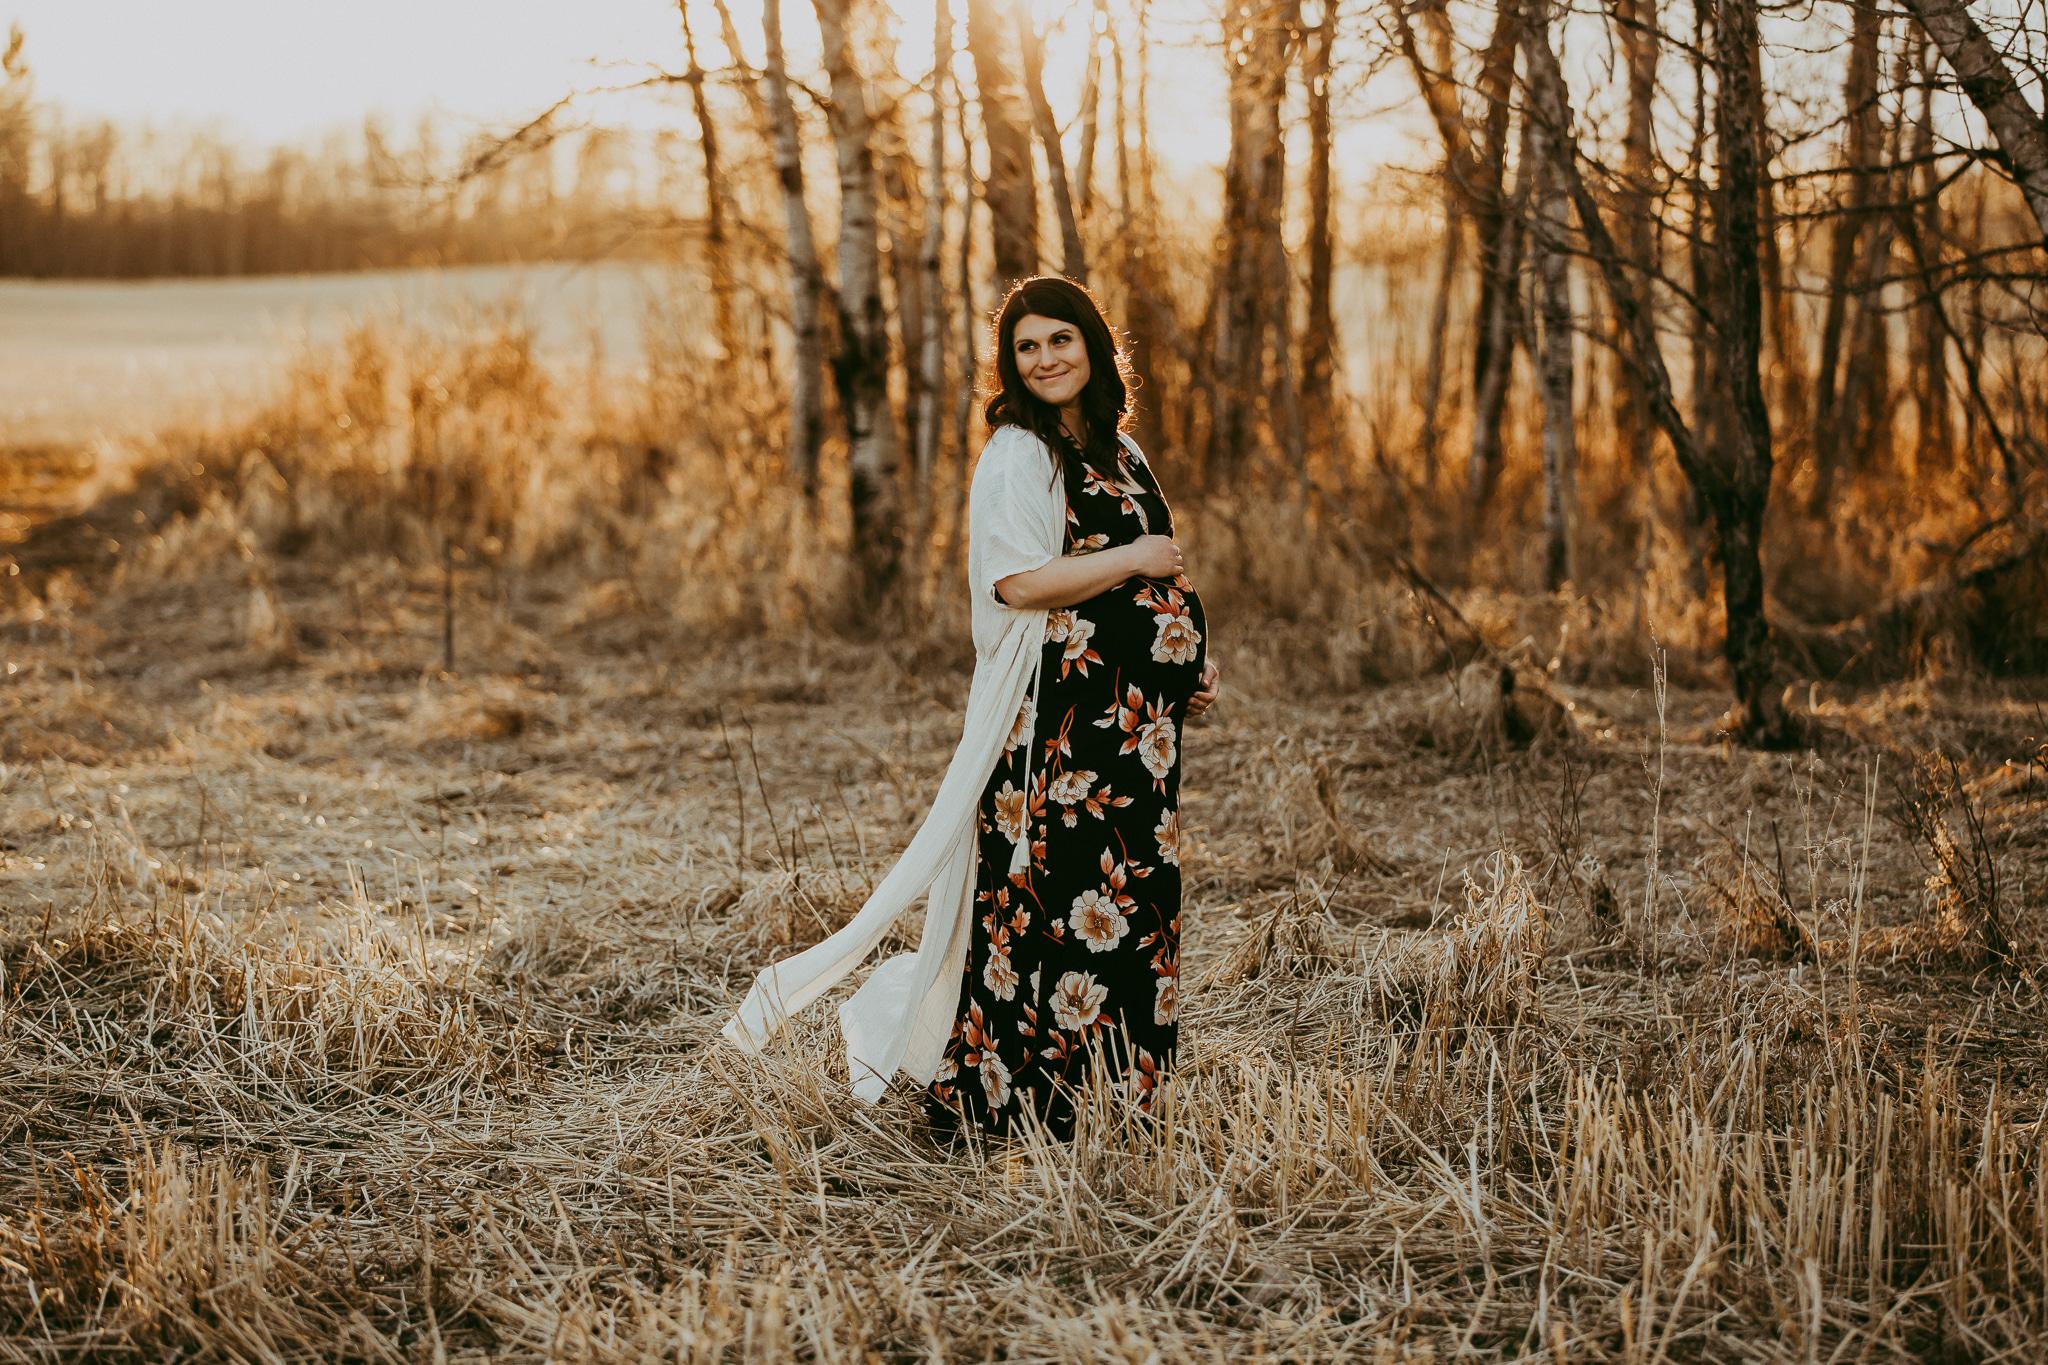 Alina-Joy-Photography-Cold-Lake-Lifestyle-Photographer-337.jpg